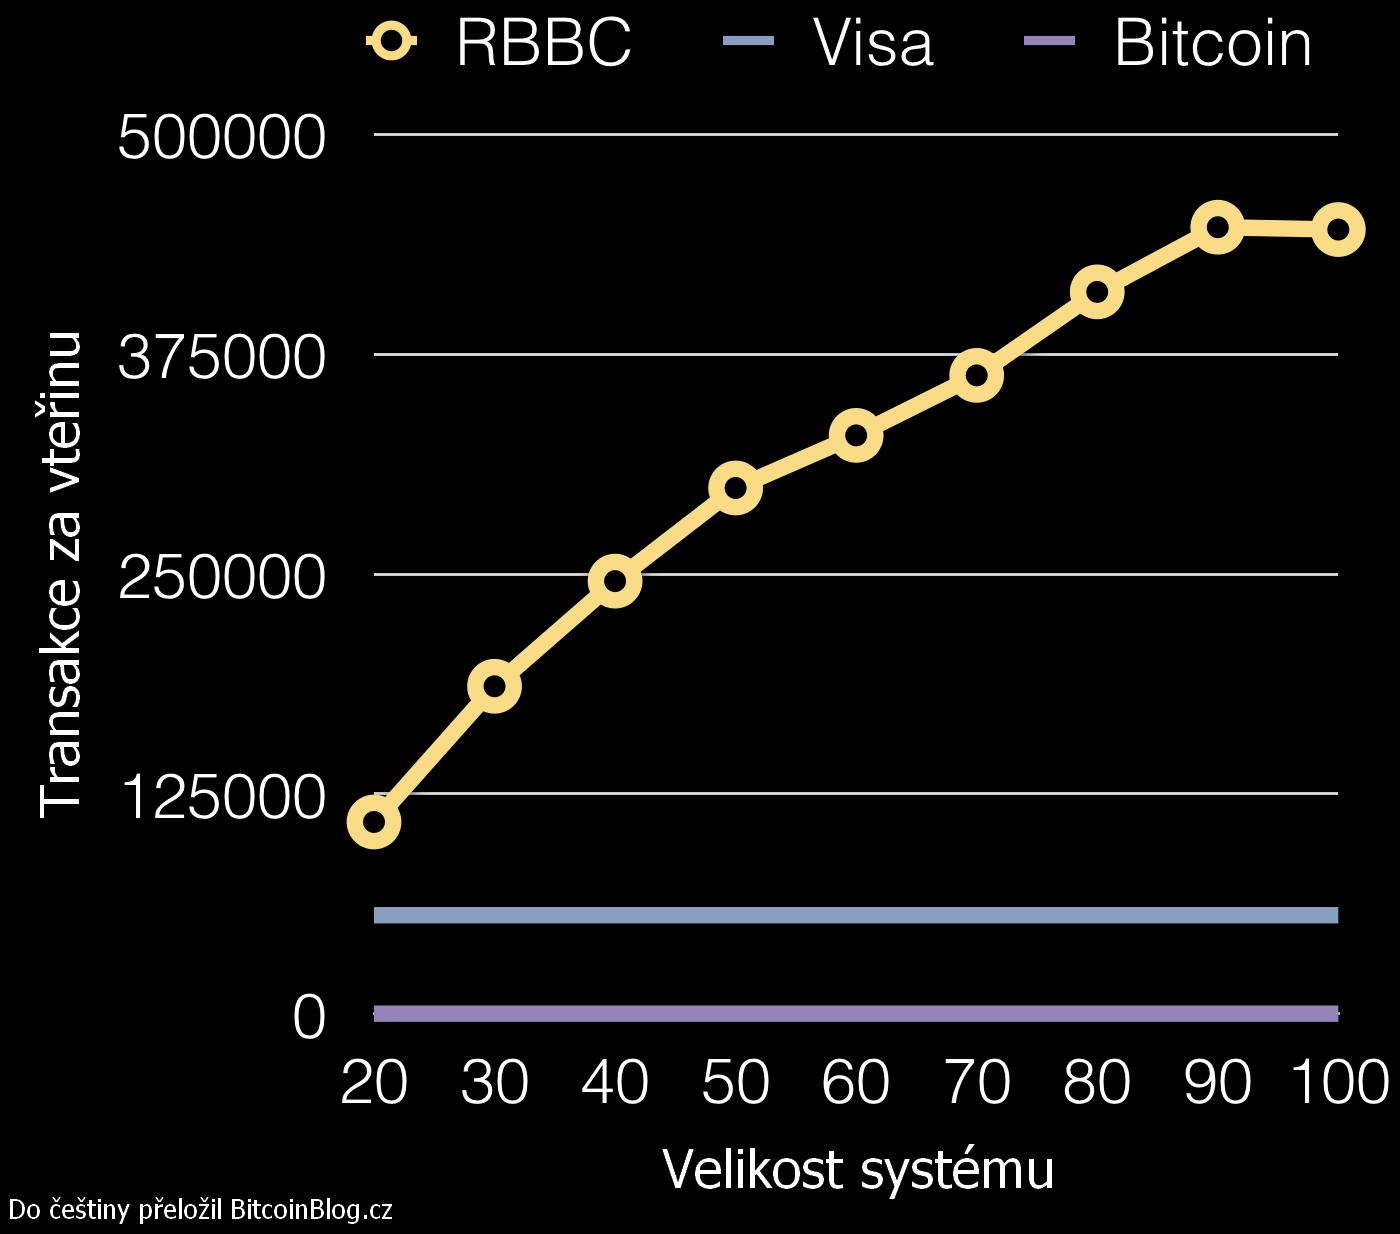 Graf výkonu Red Belly Blockchain v porovnání s Visou a Bitcoinem